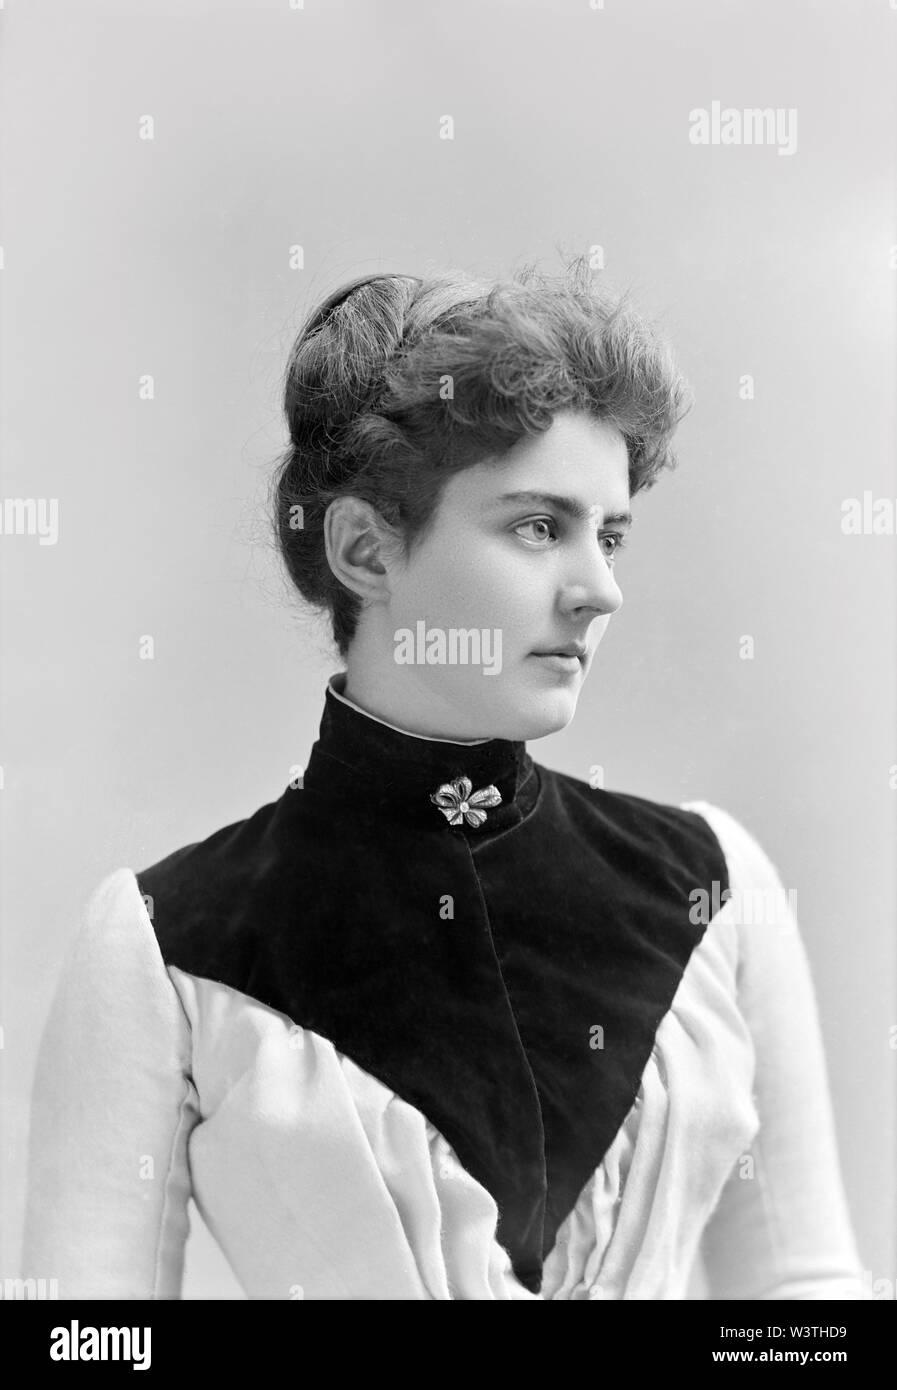 Frances Cleveland (1864-1947), la Primera Dama de los Estados Unidos, 1886-89 y 1893-97, esposa del presidente de Estados Unidos, Grover Cleveland, fotografía por Charles Milton Bell, a finales de 1880 Imagen De Stock